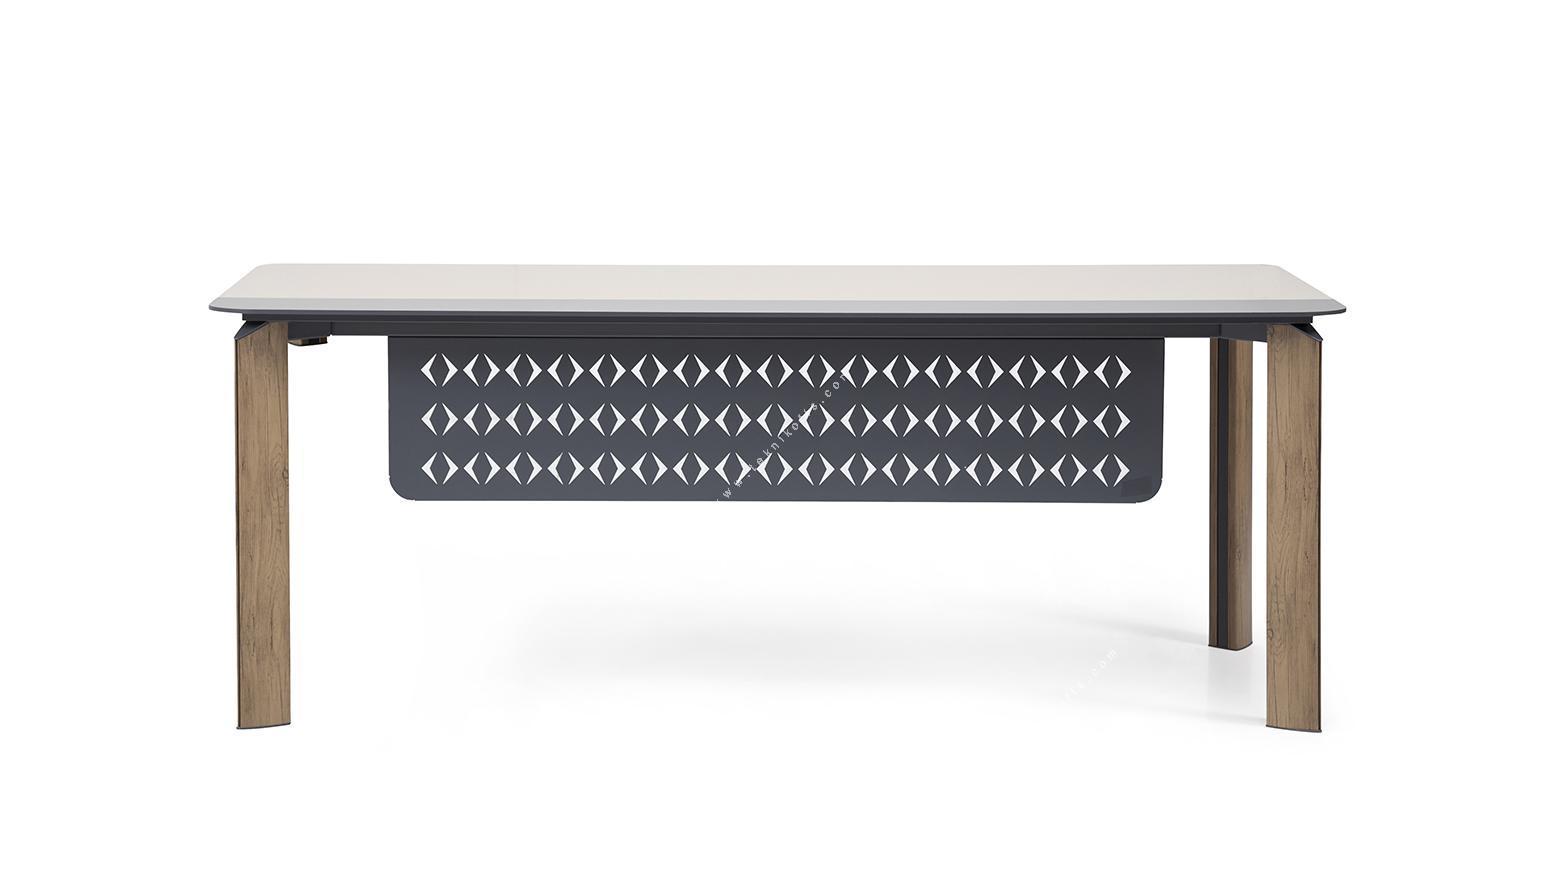 swap etajerli yönetici masası 200cm